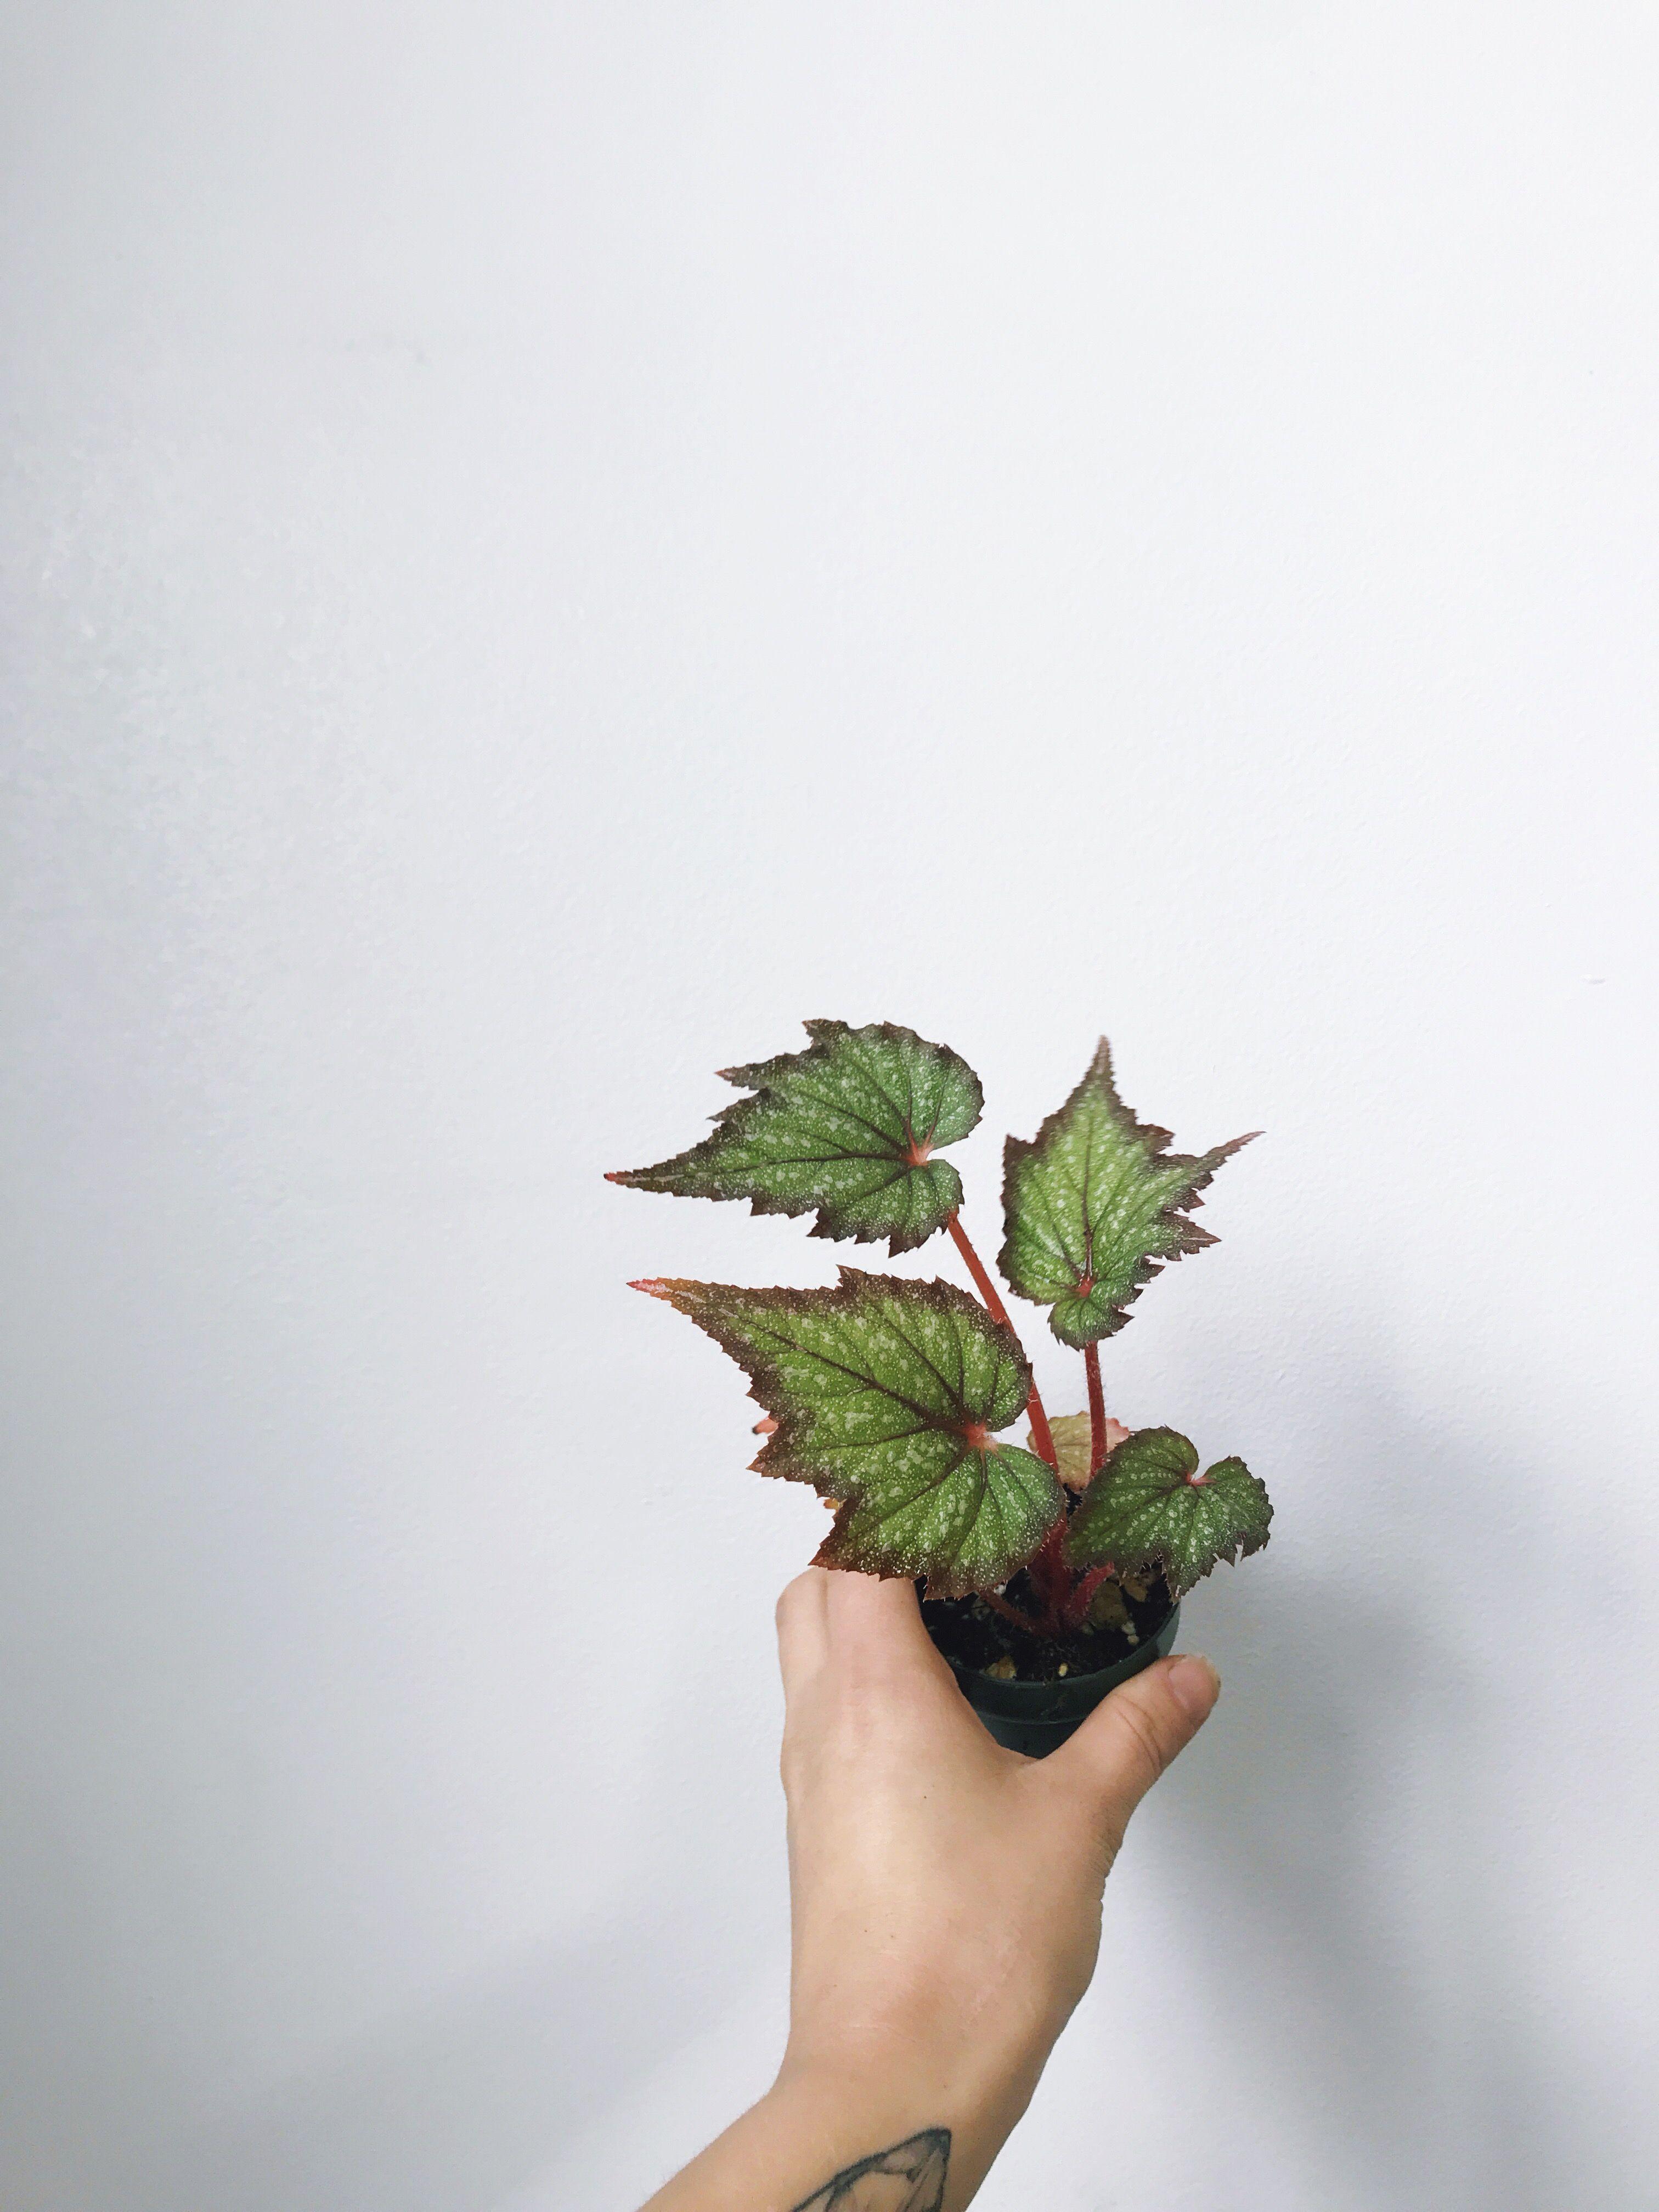 Miniature Rex Begonia Terrarium Houseplant